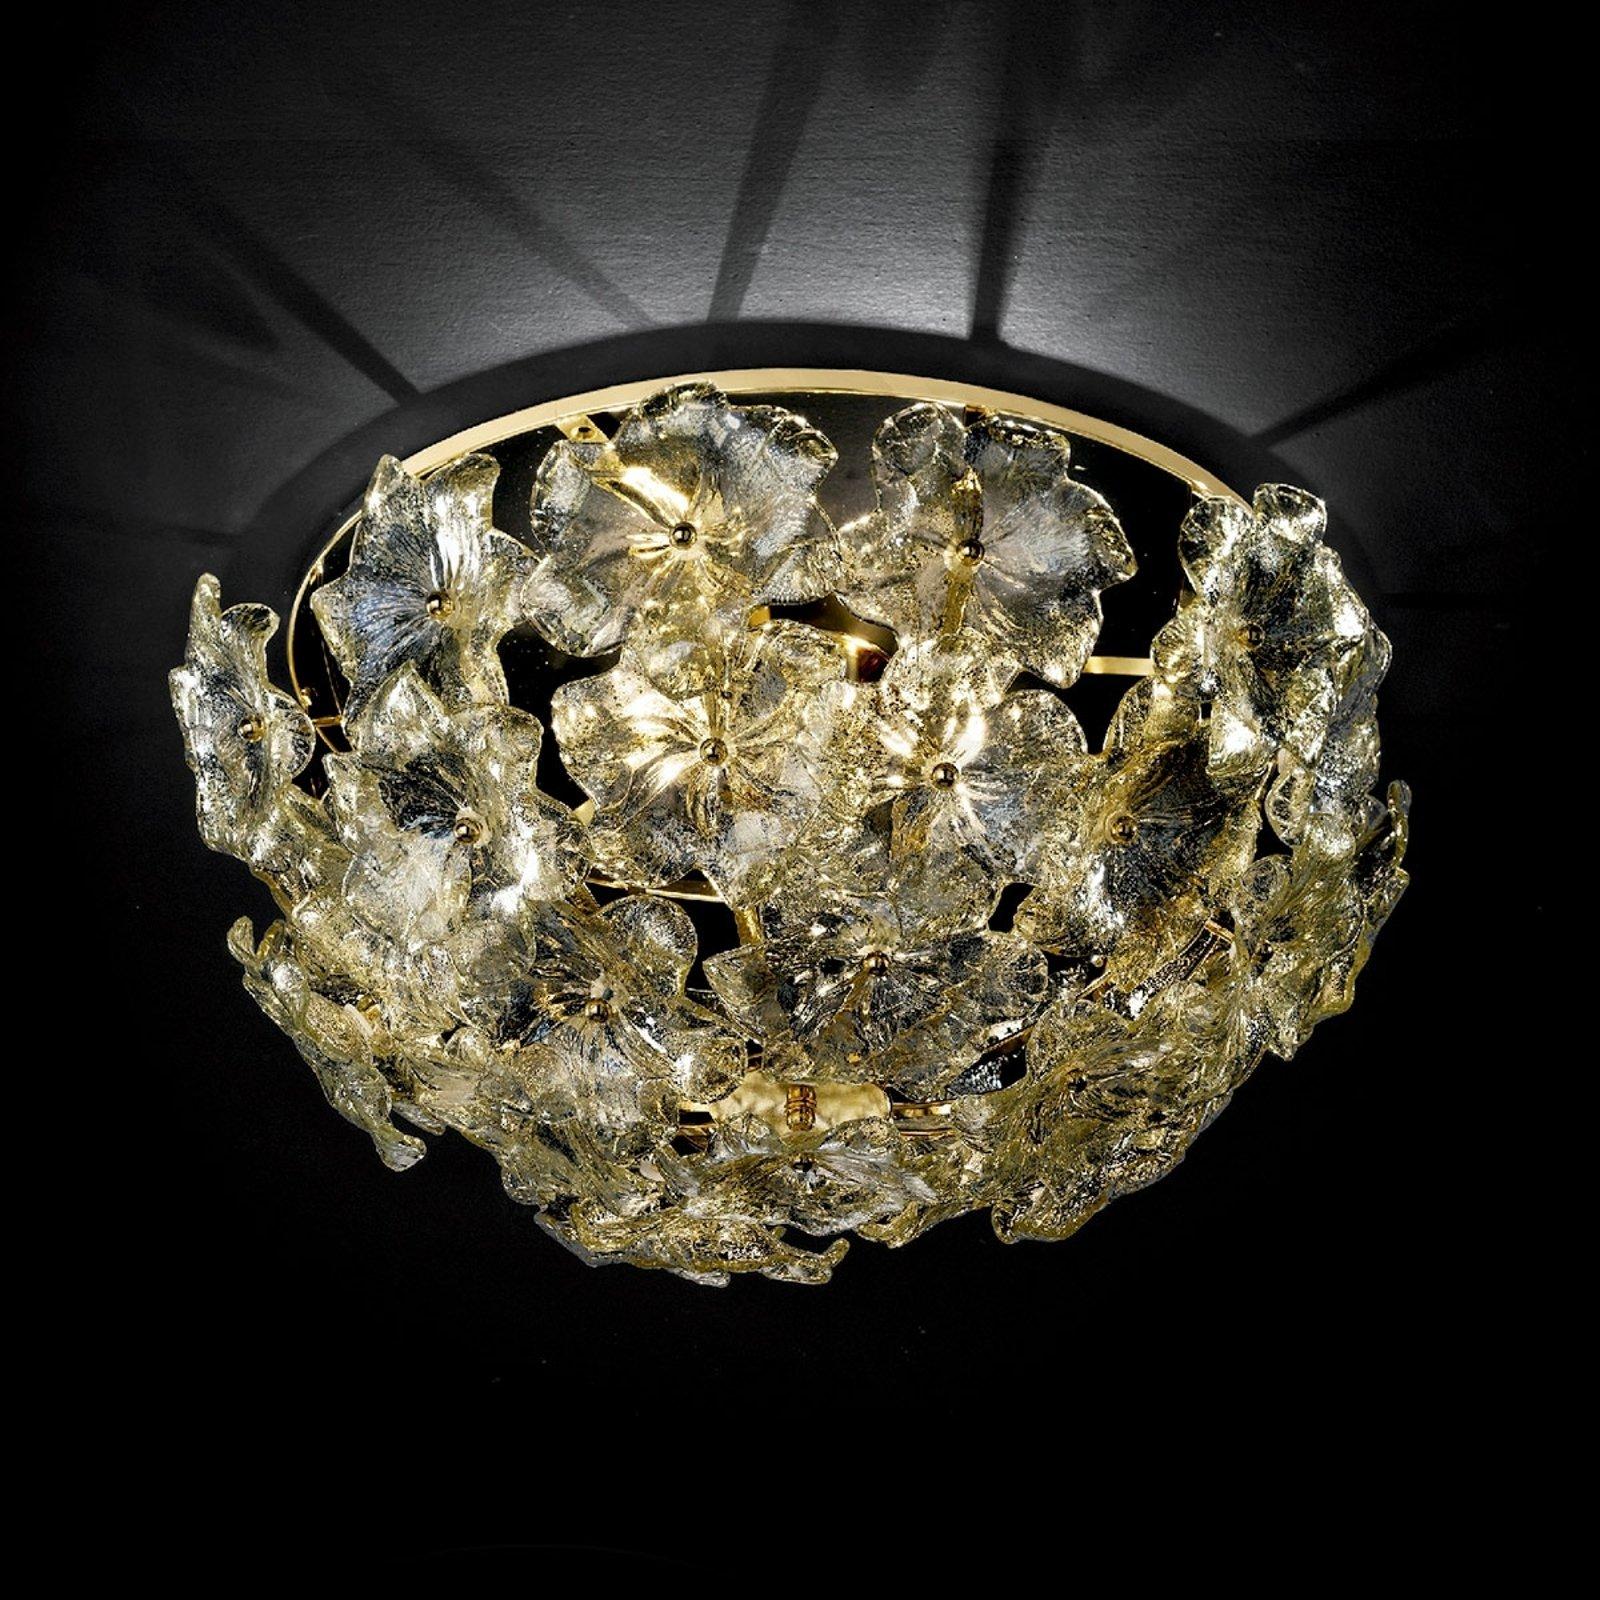 Blomstret Taklampe Lotvs av muranoglass